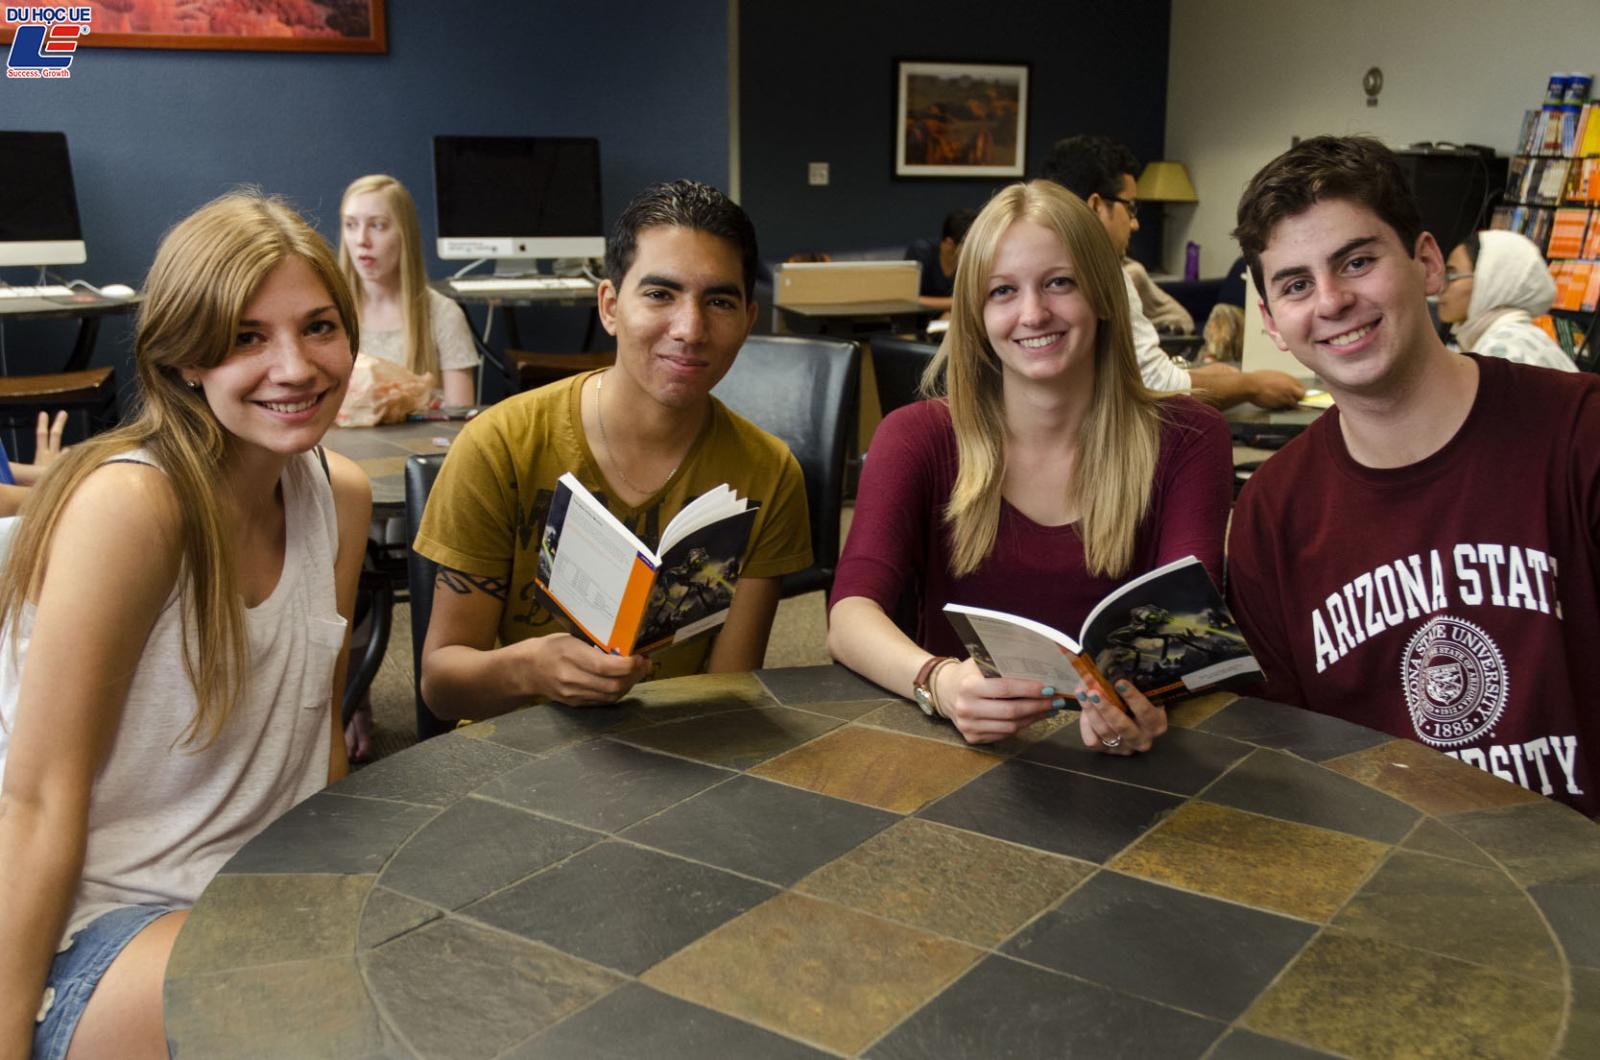 Săn ngay học bổng du học Mỹ cùng đại học ASU - Arizona State University